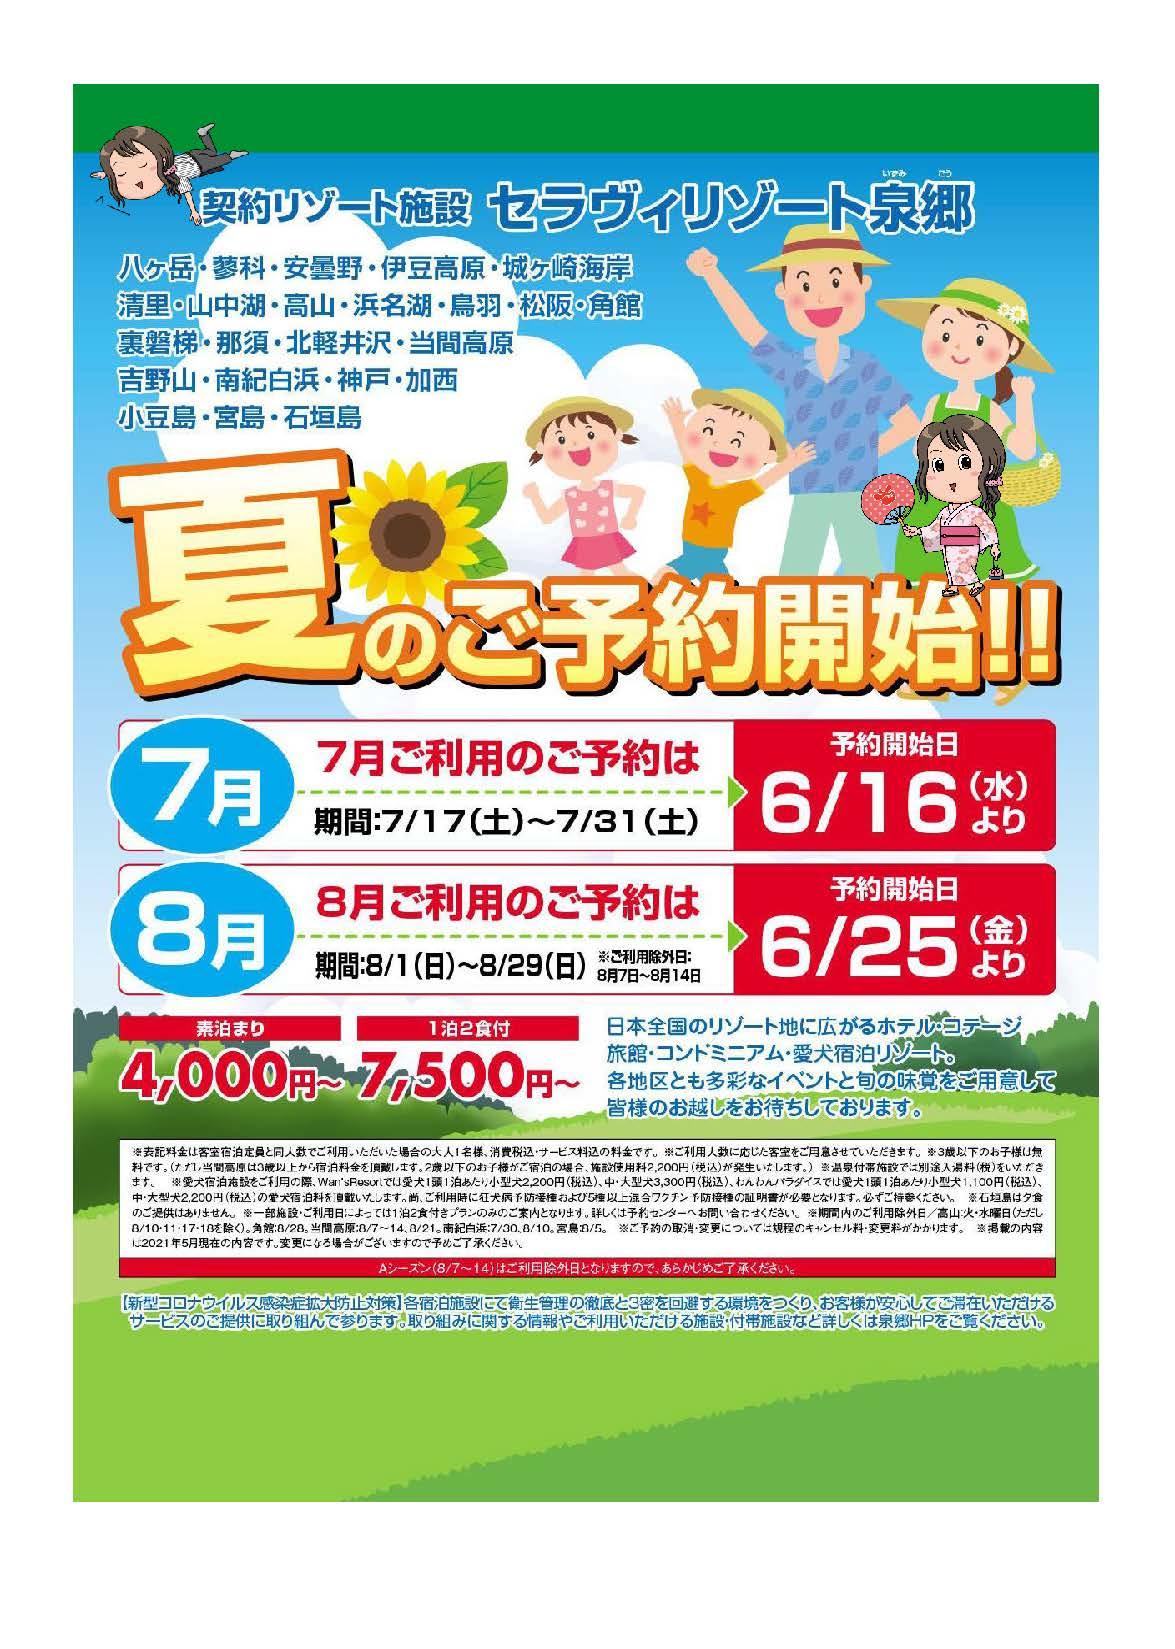 2021泉郷夏の予約開始_ページ_1